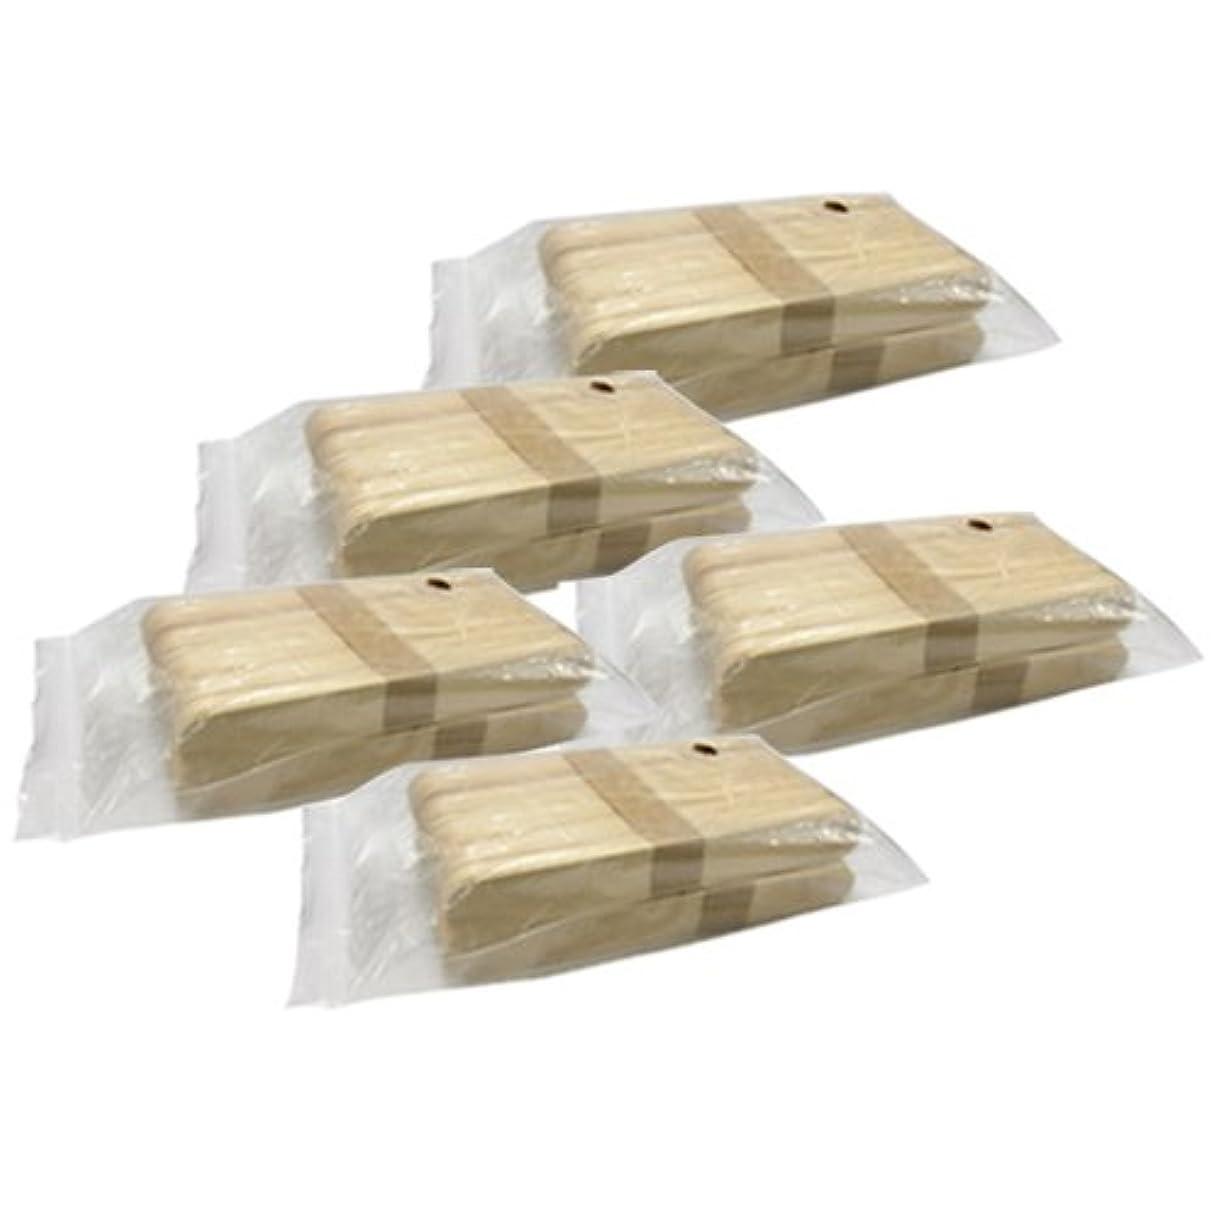 地味なシリンダーシャット使い捨て【木ベラ/ウッドスパチュラ】(業務用100枚入り) × 5袋セット(計500枚)/WAX脱毛等や舌厚子にも …